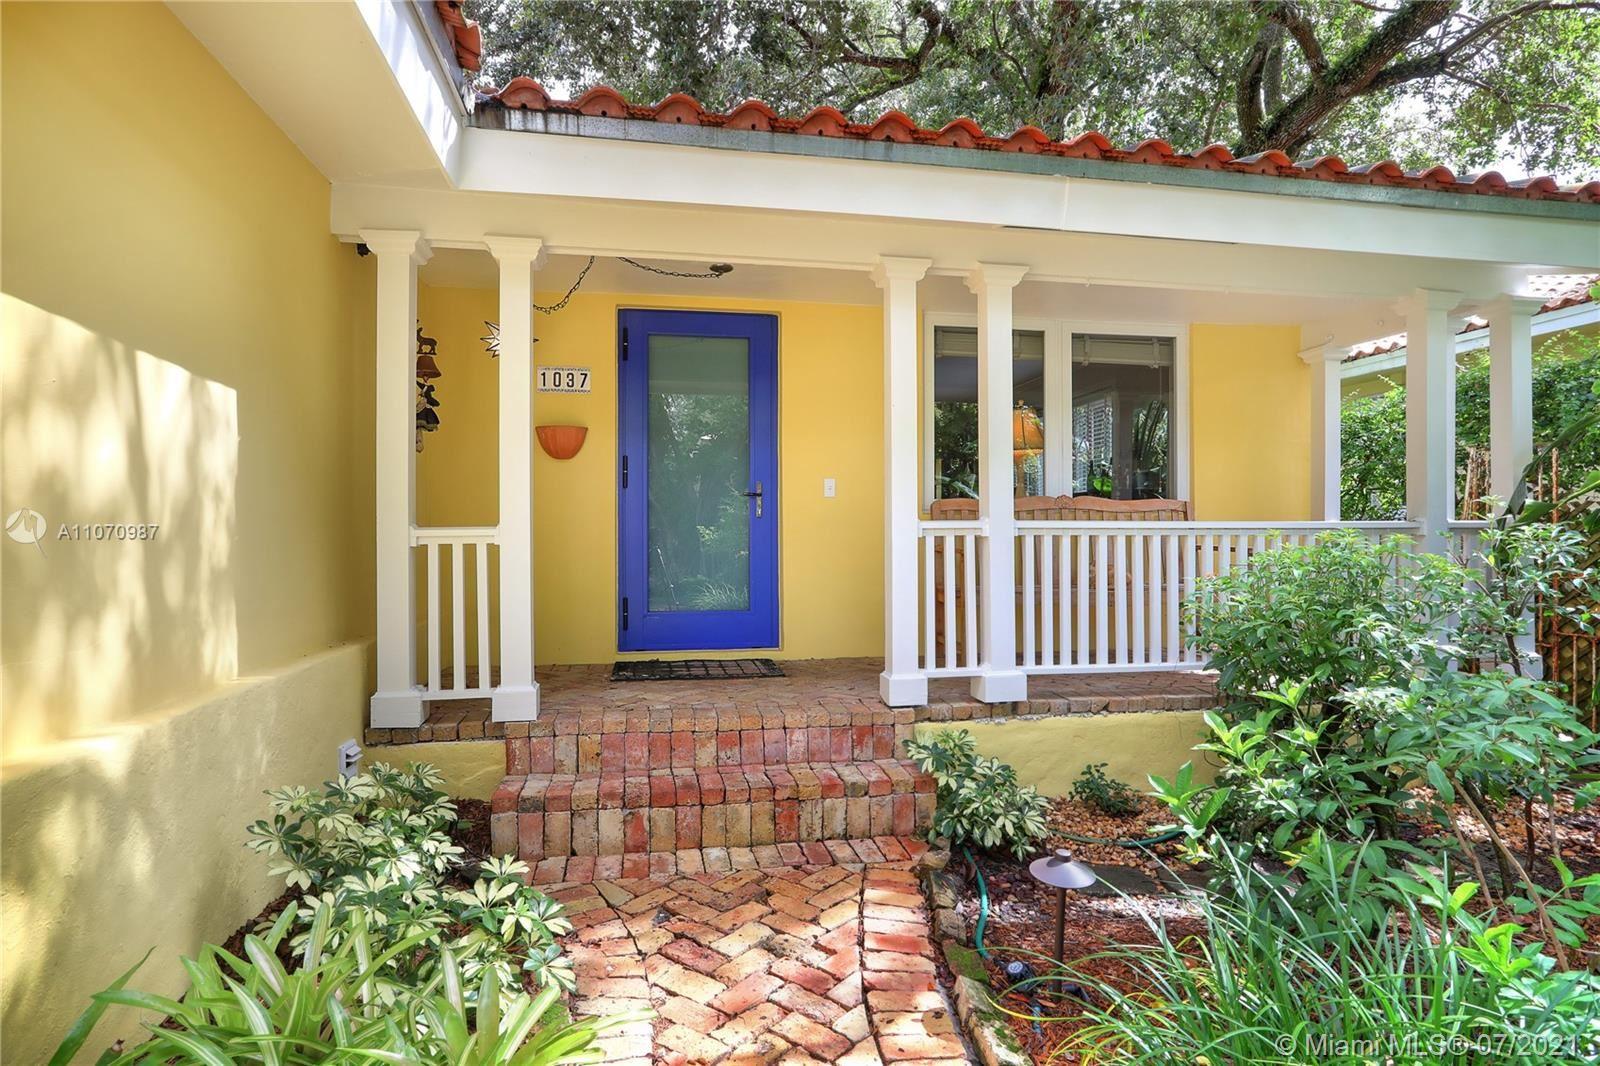 Photo of 1037 Almeria Ave, Coral Gables, FL 33134 (MLS # A11070987)